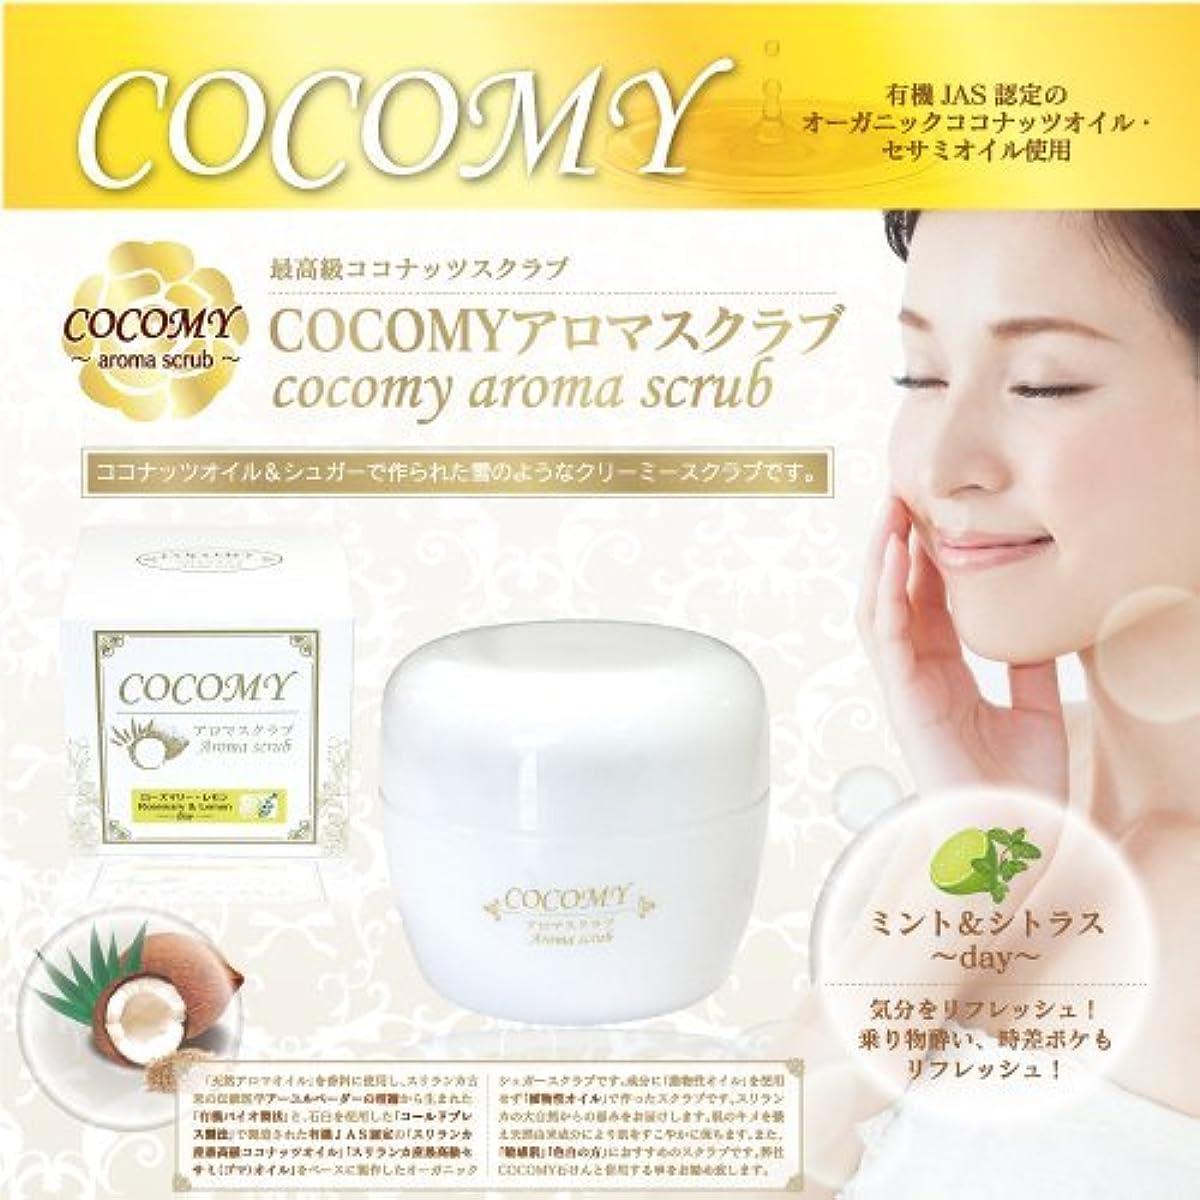 有罪チャップ補助COCOMY aromaスクラブ (ミント&シトラス) 120g